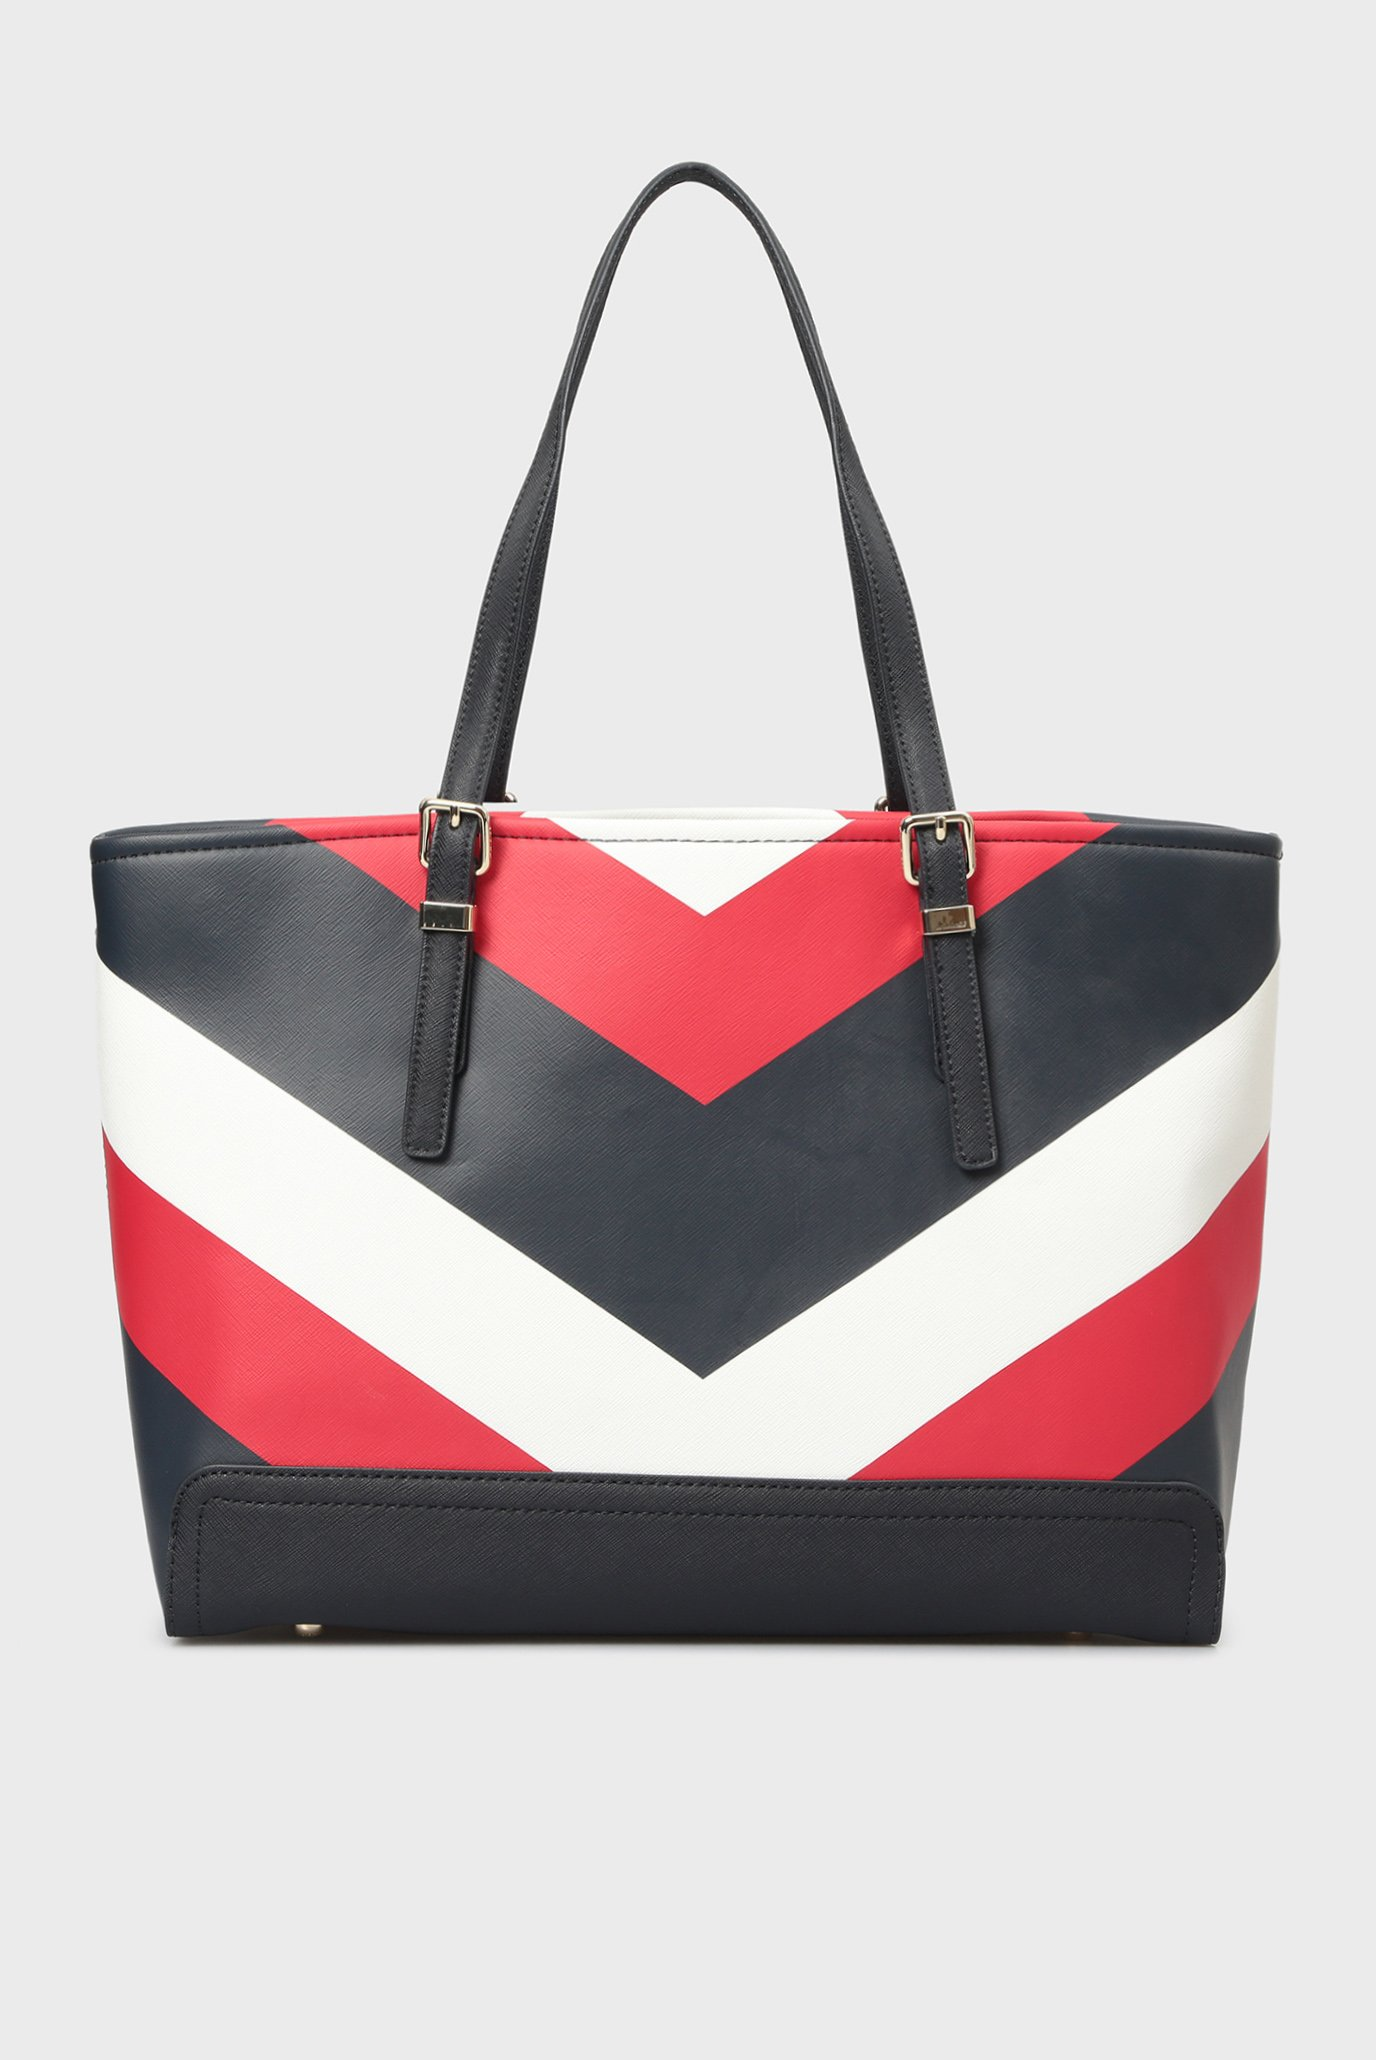 Купить Женская сумка на плечо HONEY MED TOTE Tommy Hilfiger Tommy Hilfiger AW0AW05665 – Киев, Украина. Цены в интернет магазине MD Fashion